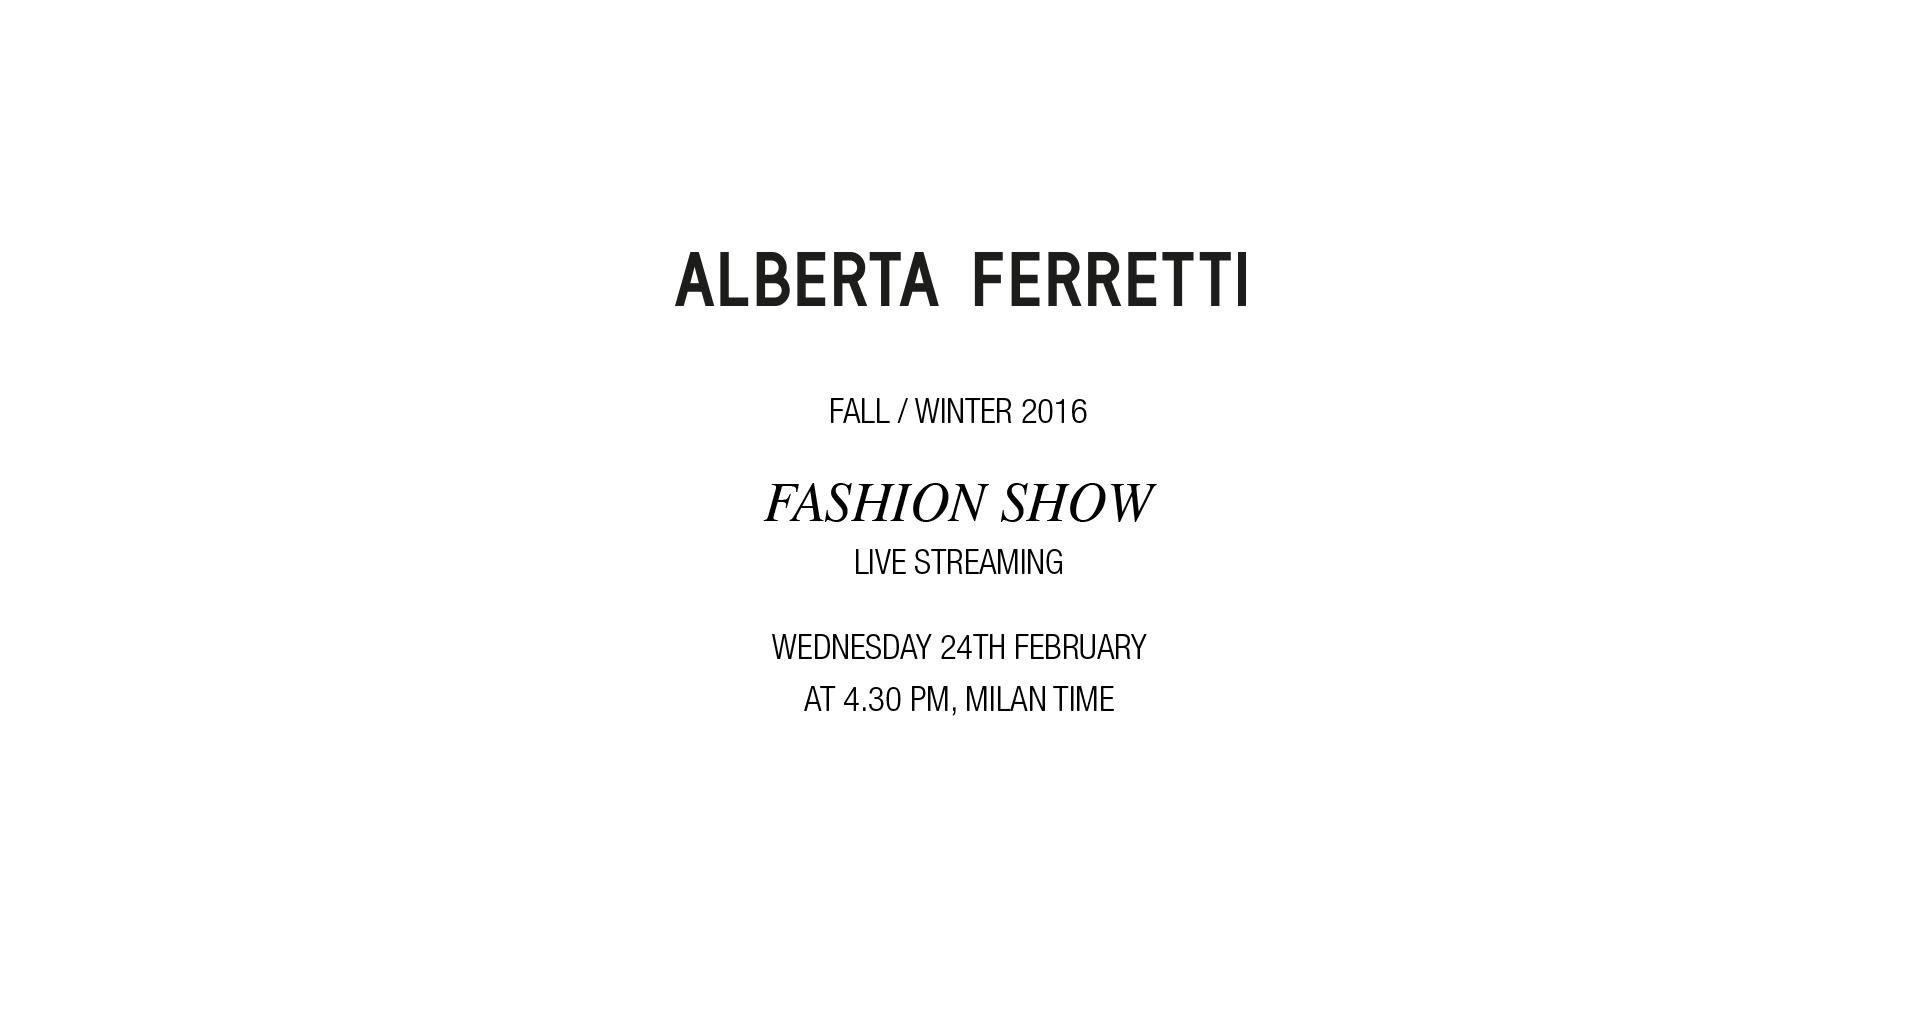 Alberta Ferretti Fall Winter 2016 Women's Fashion Show Live Streaming